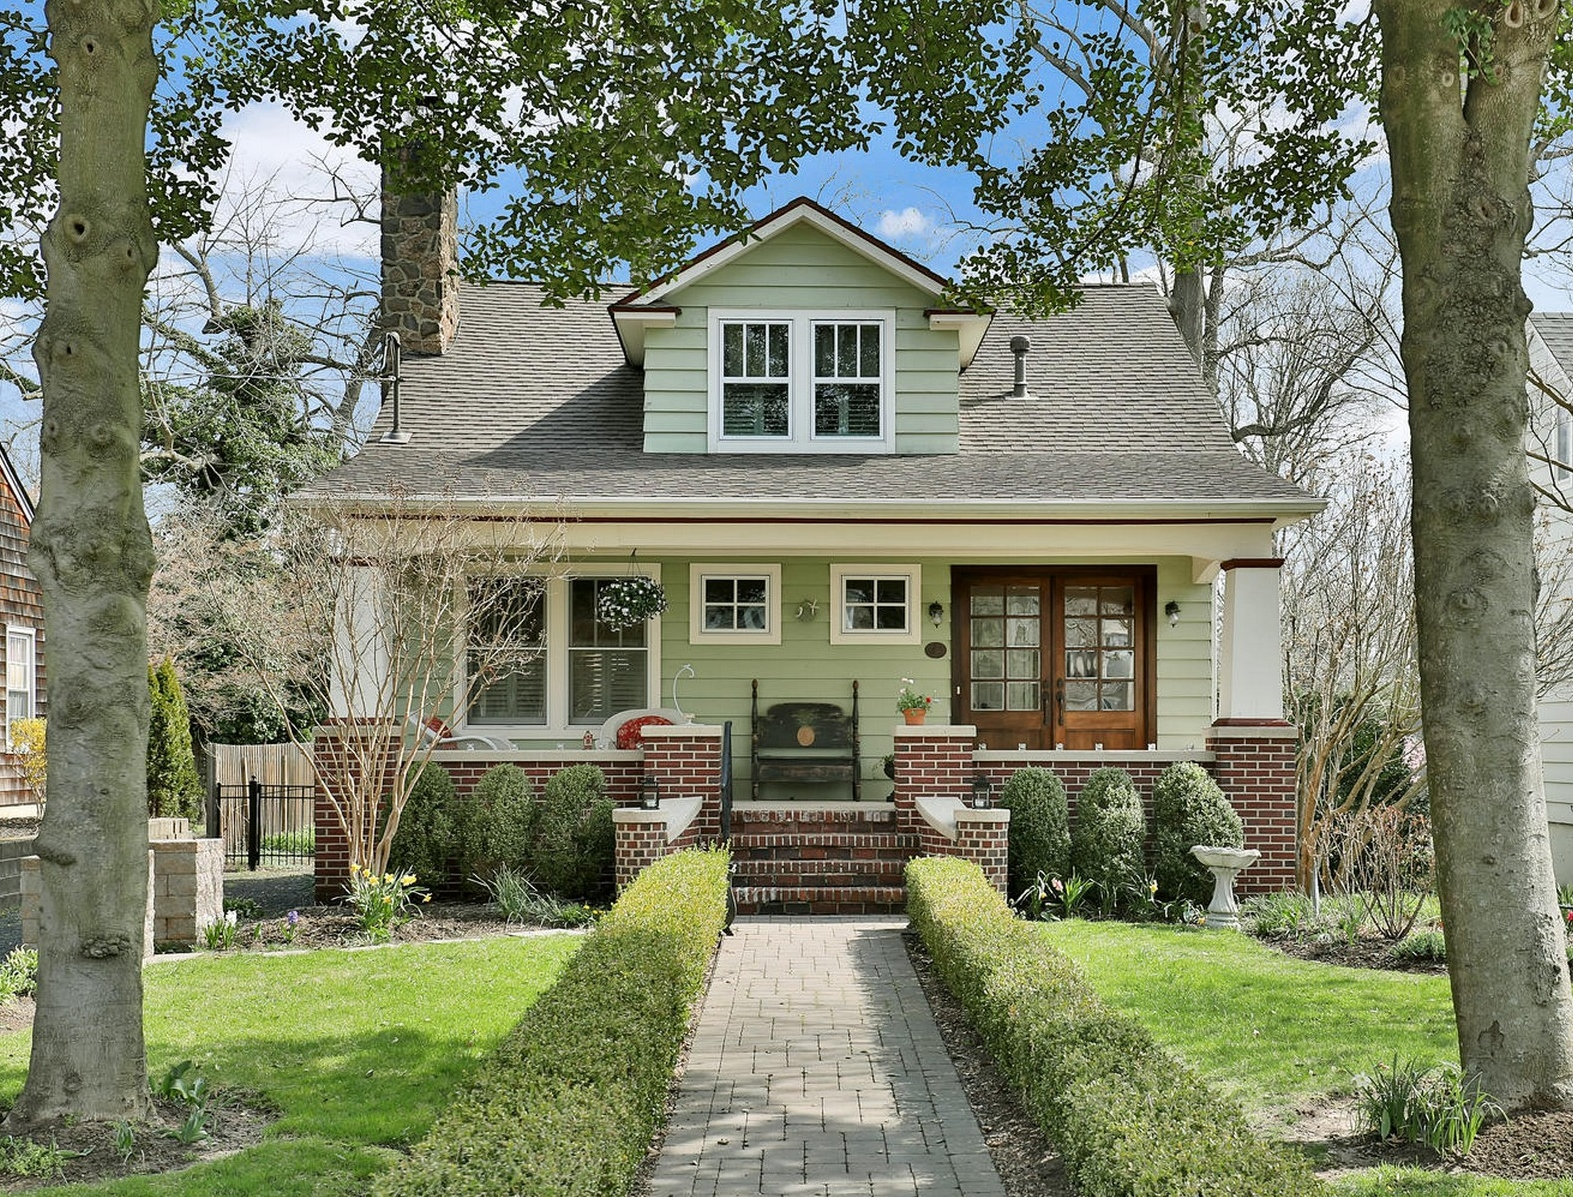 独户住宅 为 出租 在 Rumson 25 Lennox Avenue 拉姆森, 新泽西州 07760 美国